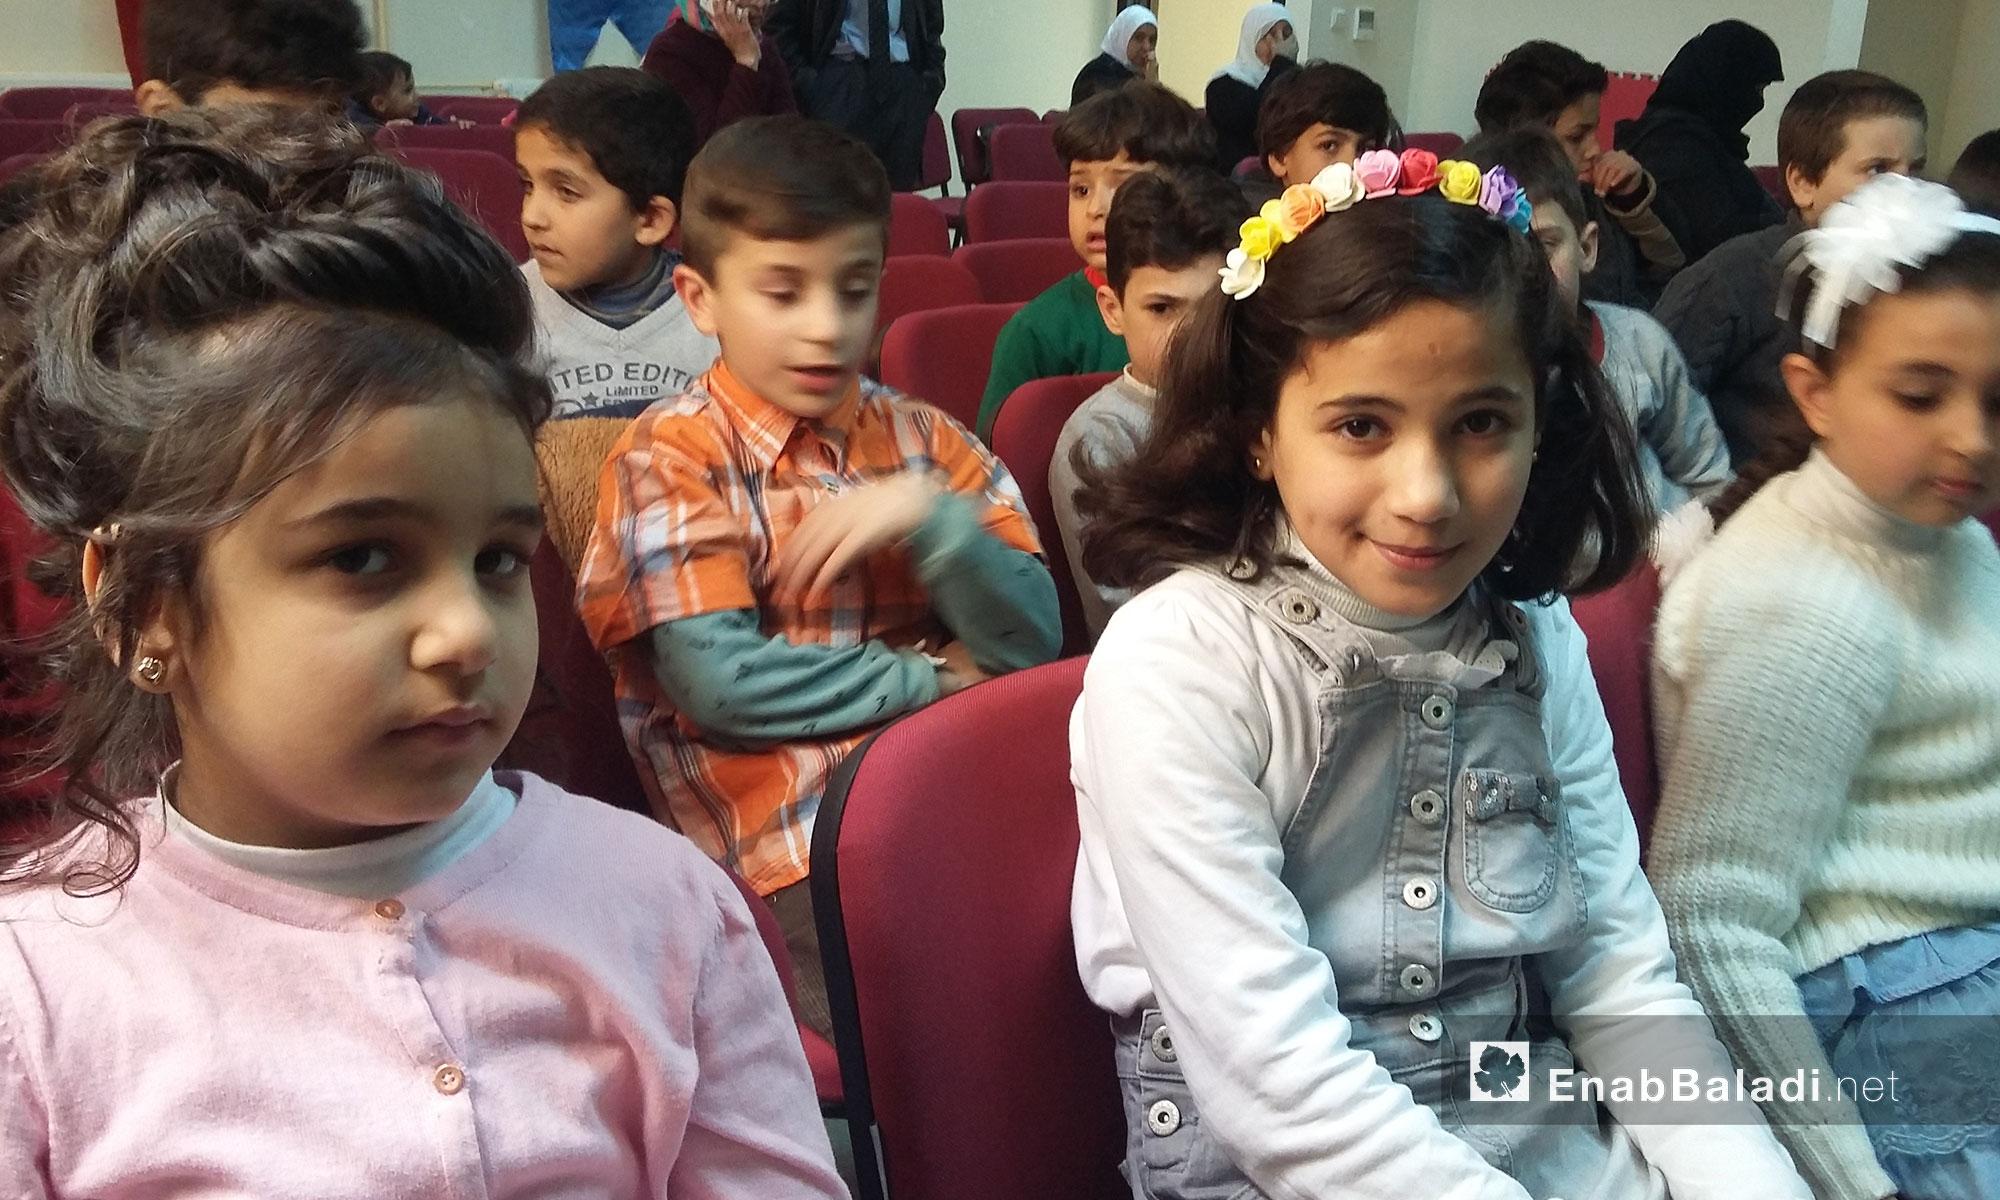 أطفال سوريون يؤدون عرضًا مسرحيًا في أورفة التركية - 4 آذار 2017 (عنب بلدي)